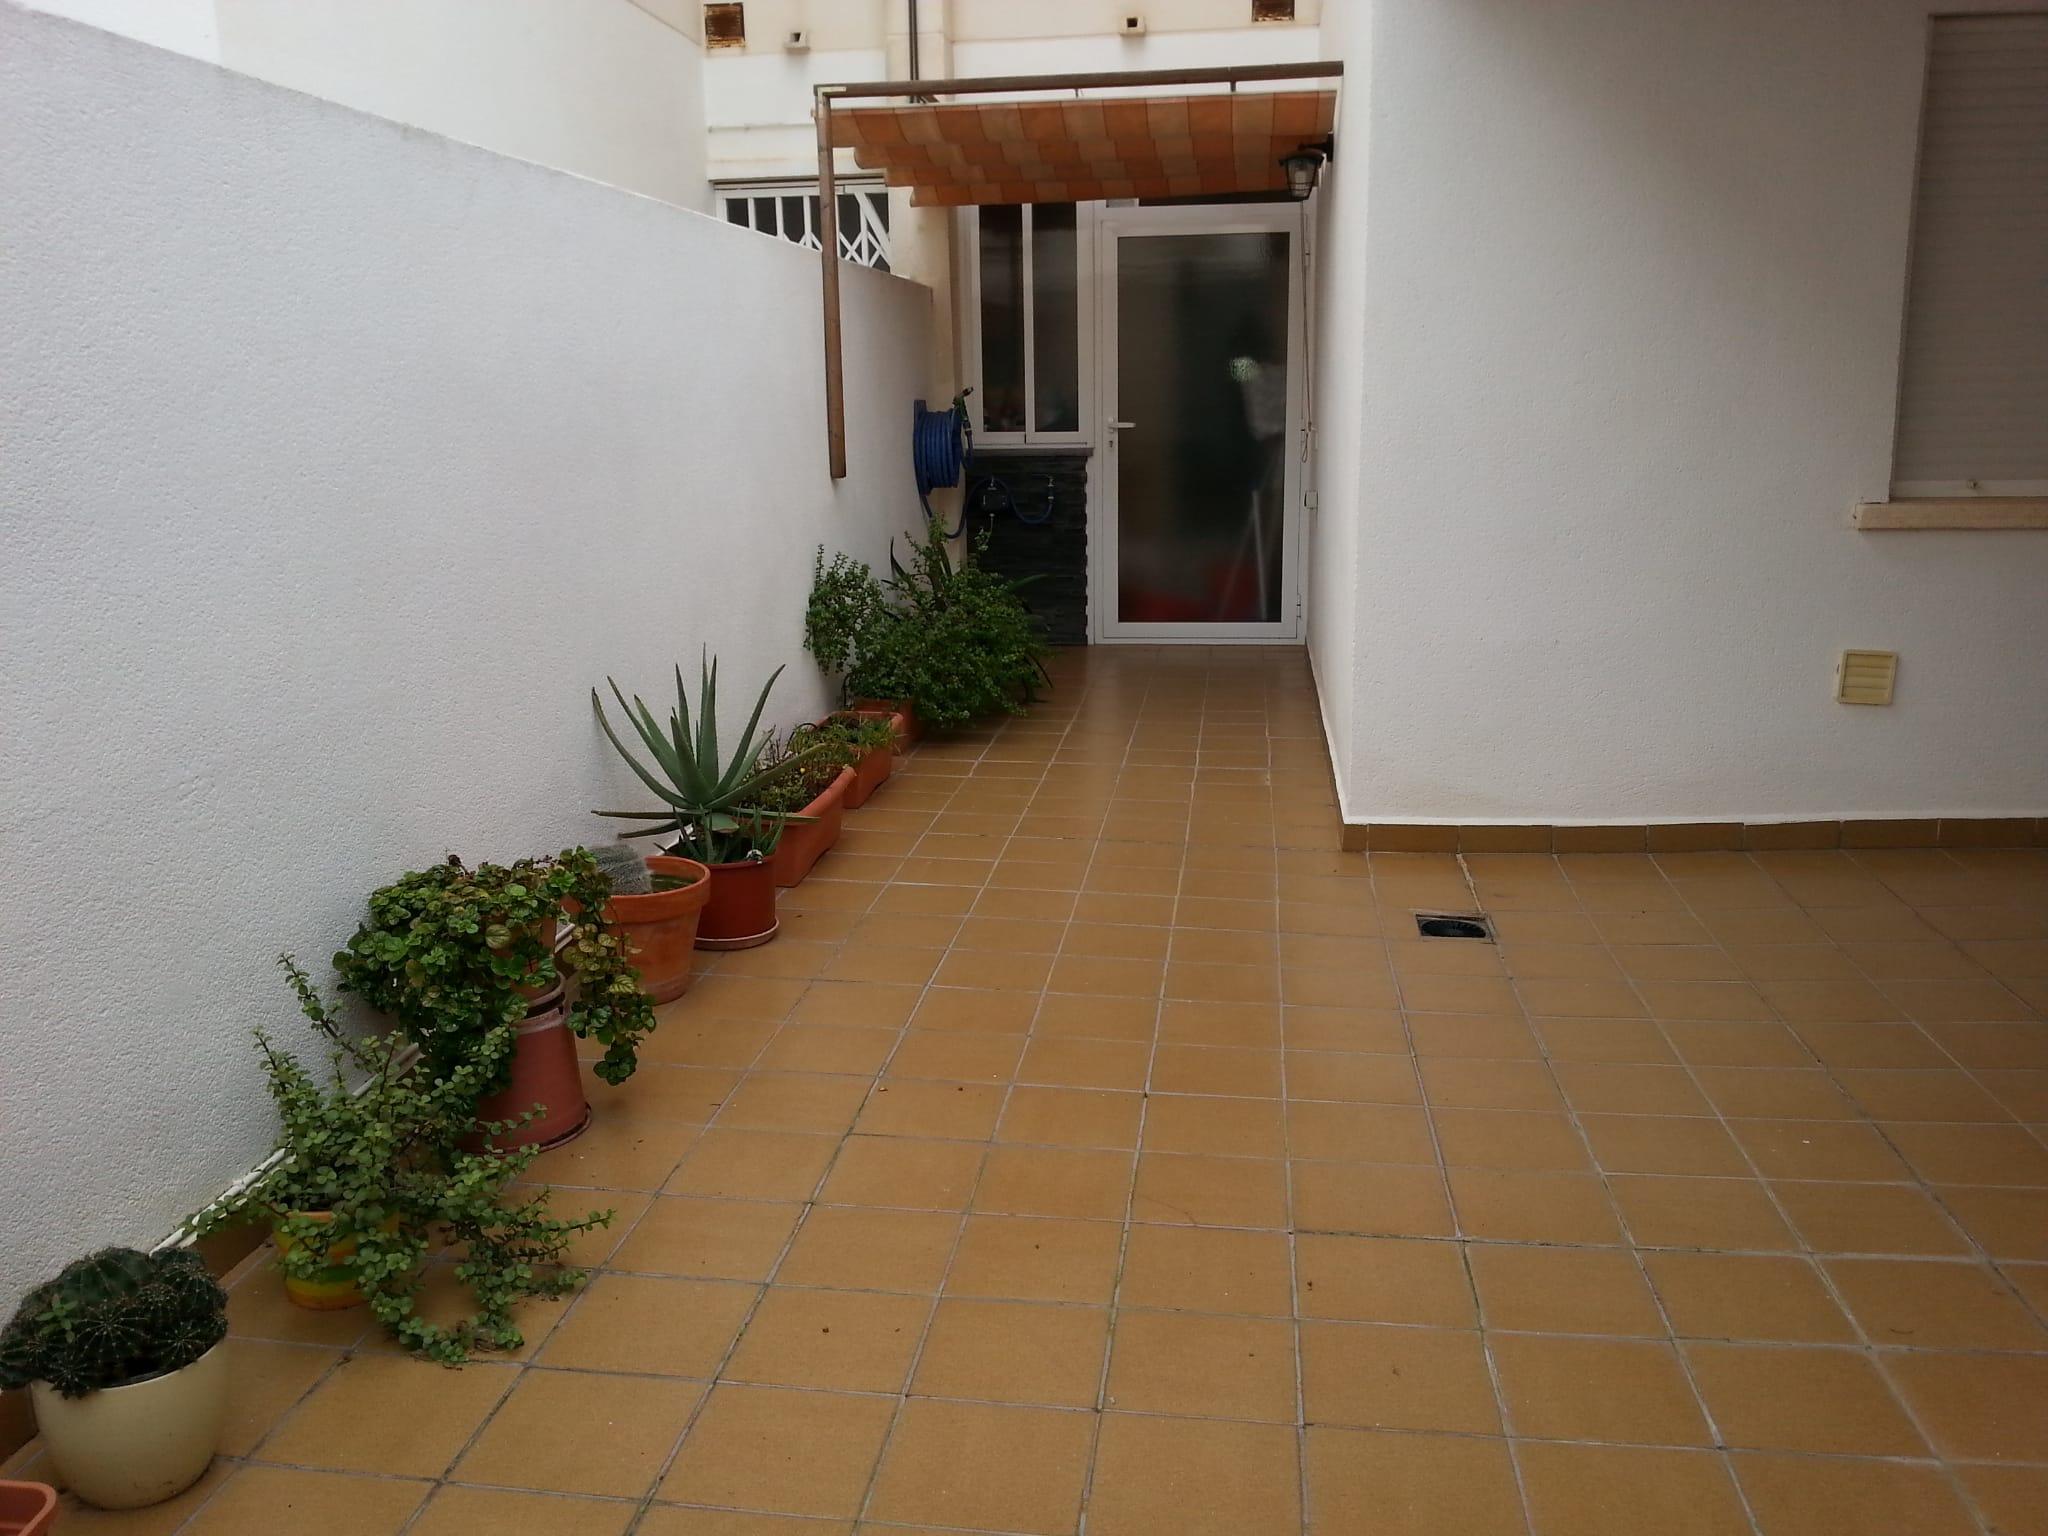 vitalcasa.sooprema-propiedades_5ea85903052b9-source